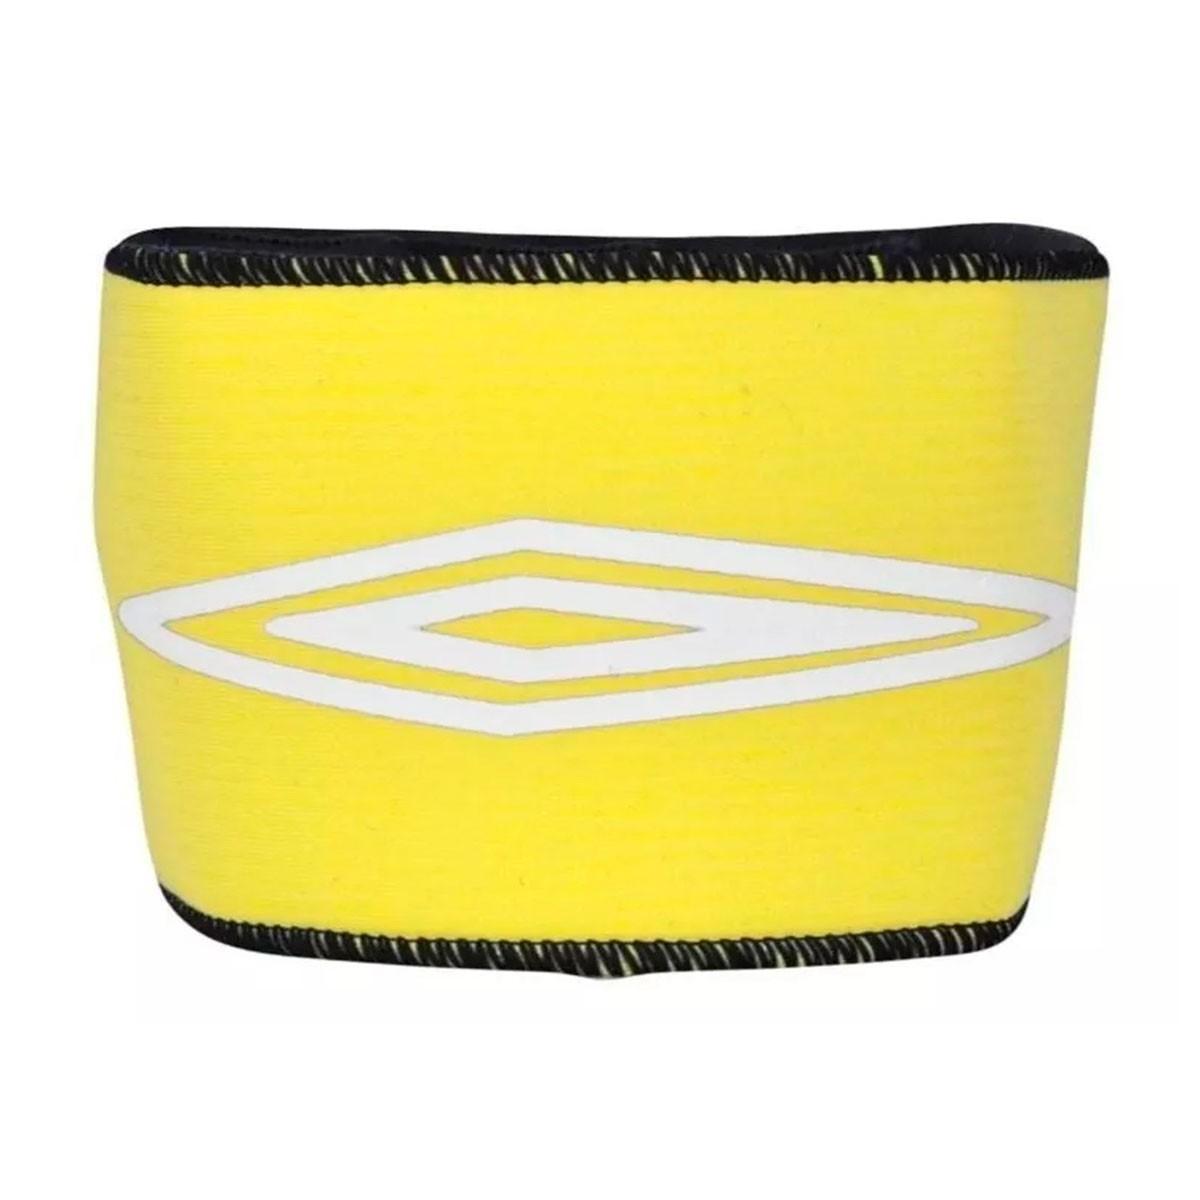 Faixa de Capitão Umbro Unisex Amarelo